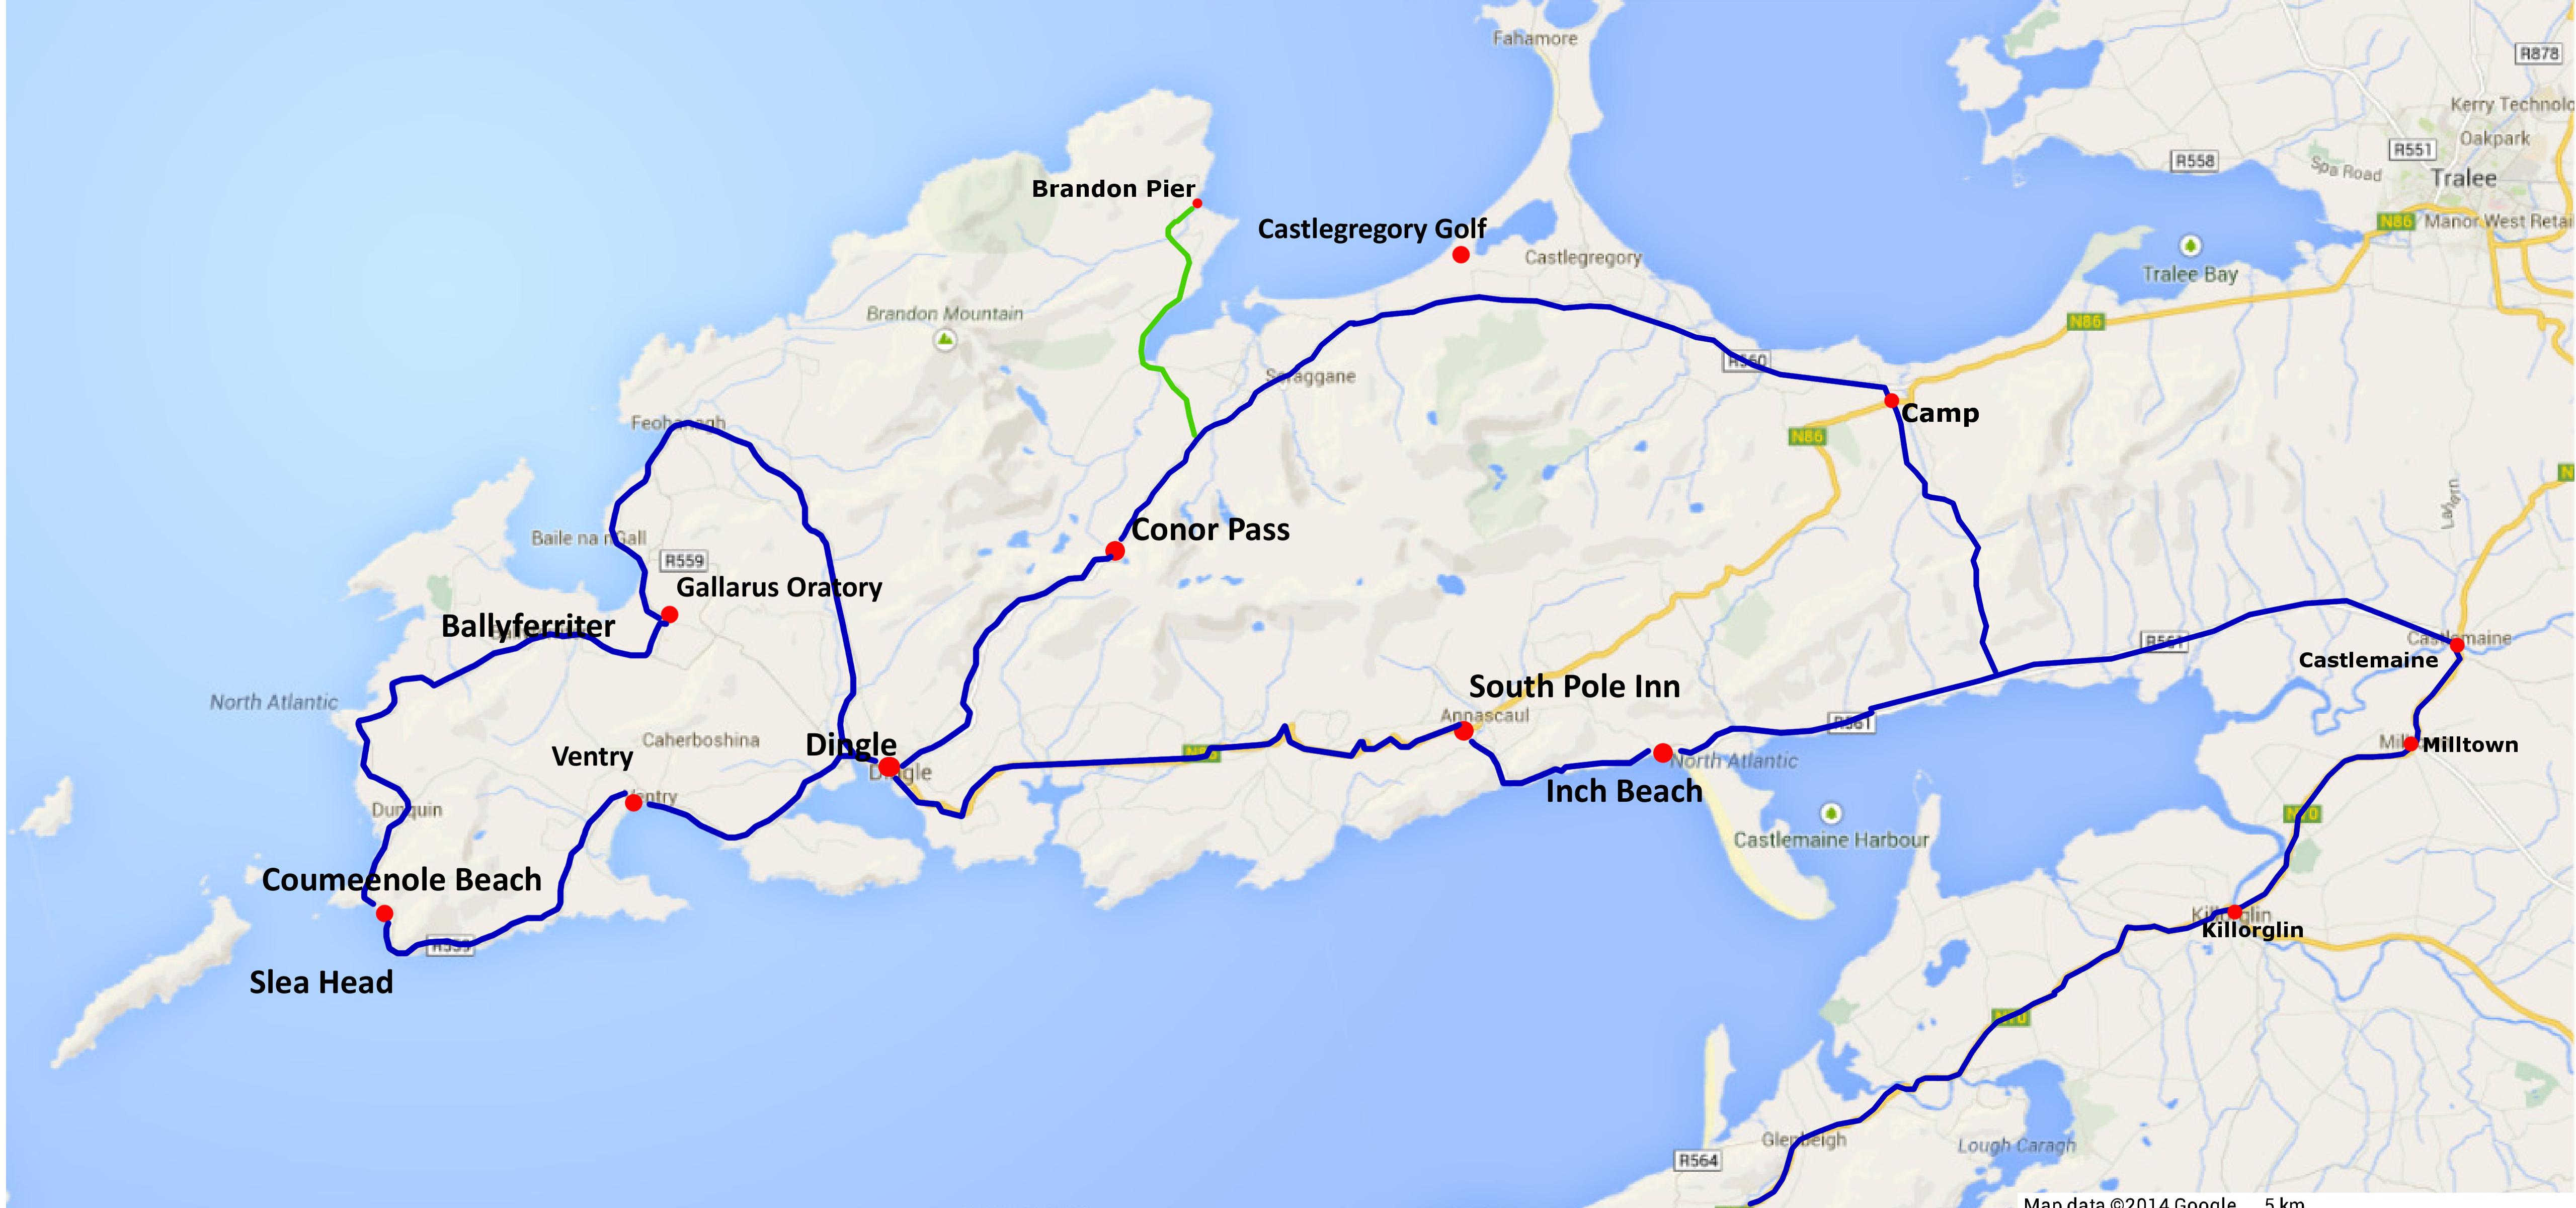 Dingle peninsula tour map